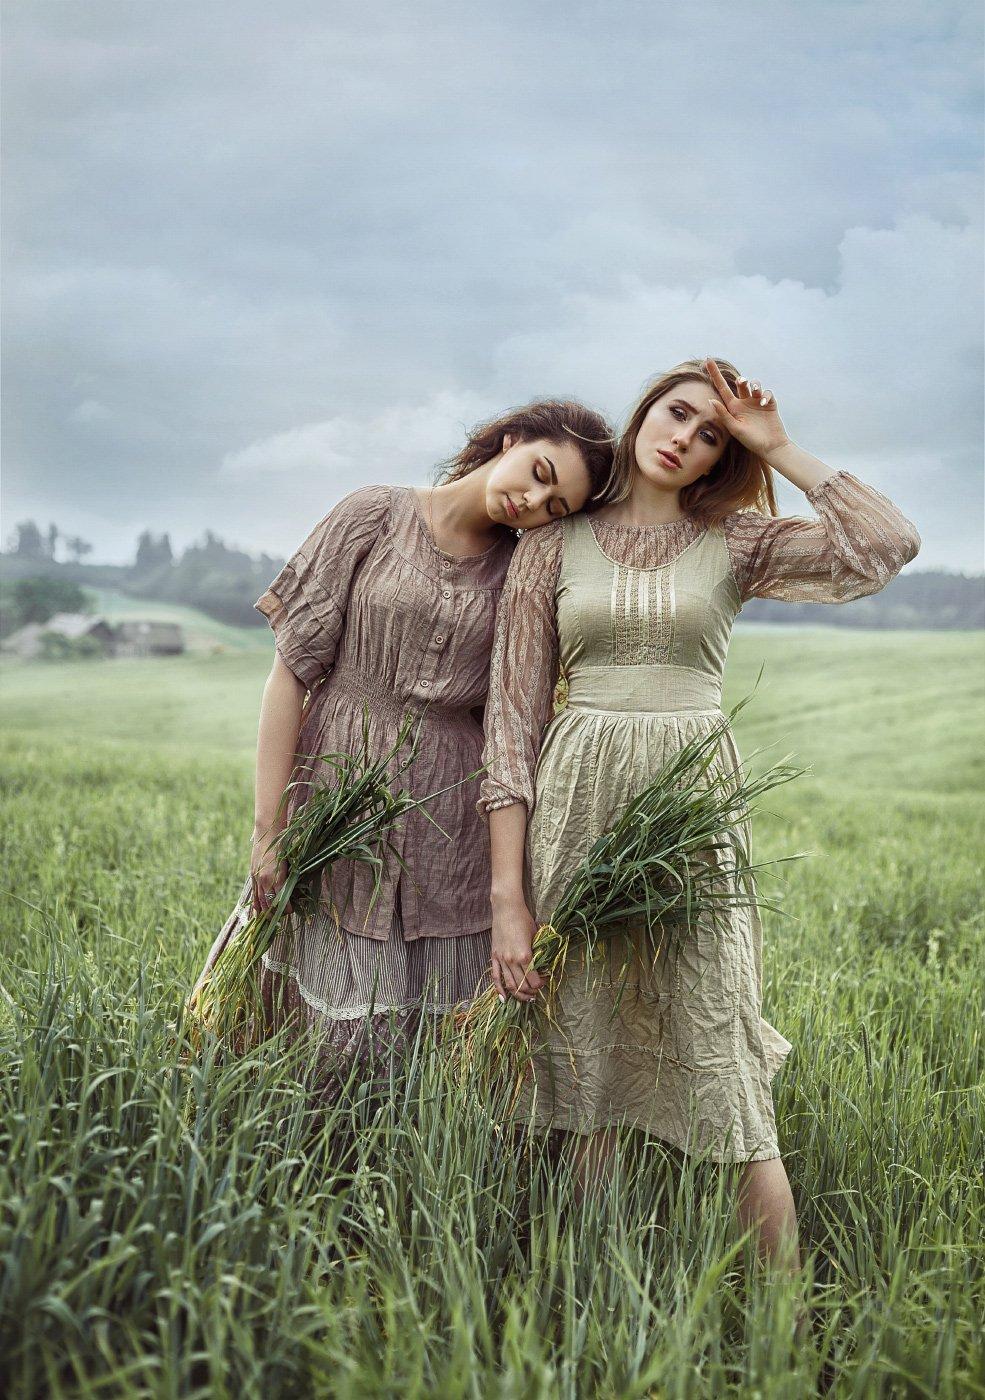 поле, трава, лето, урожай, село, девушки, крестьянки, женский портрет, постановочное фото, Прядко Наталья